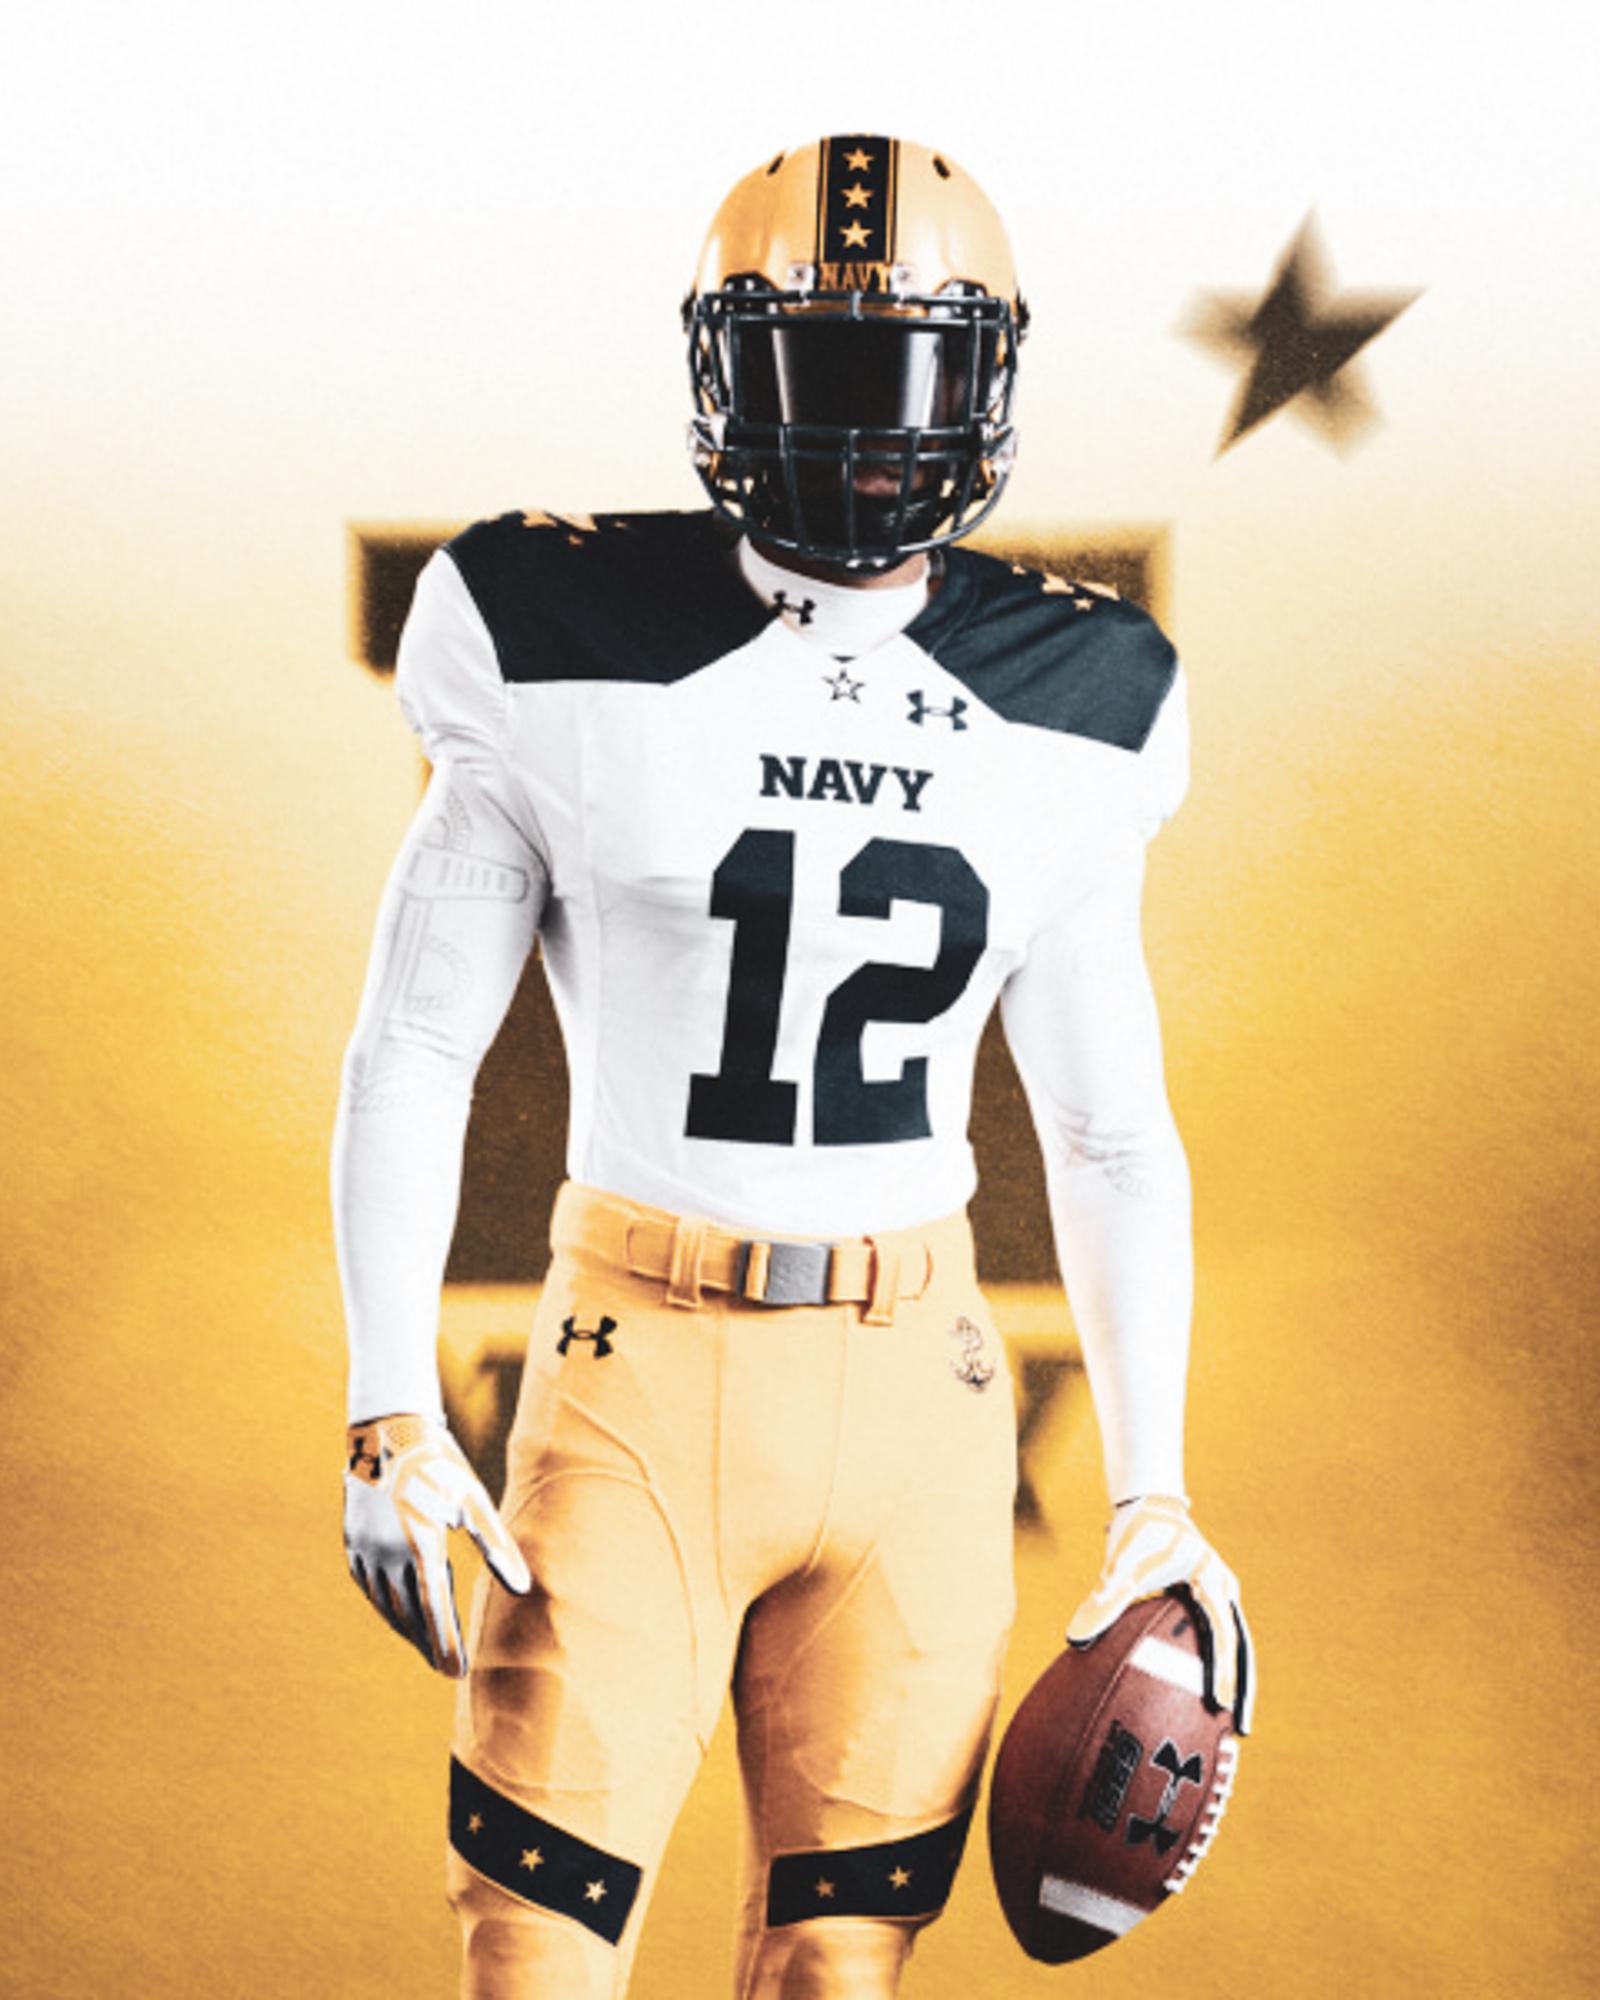 Navy - 2016.jpg